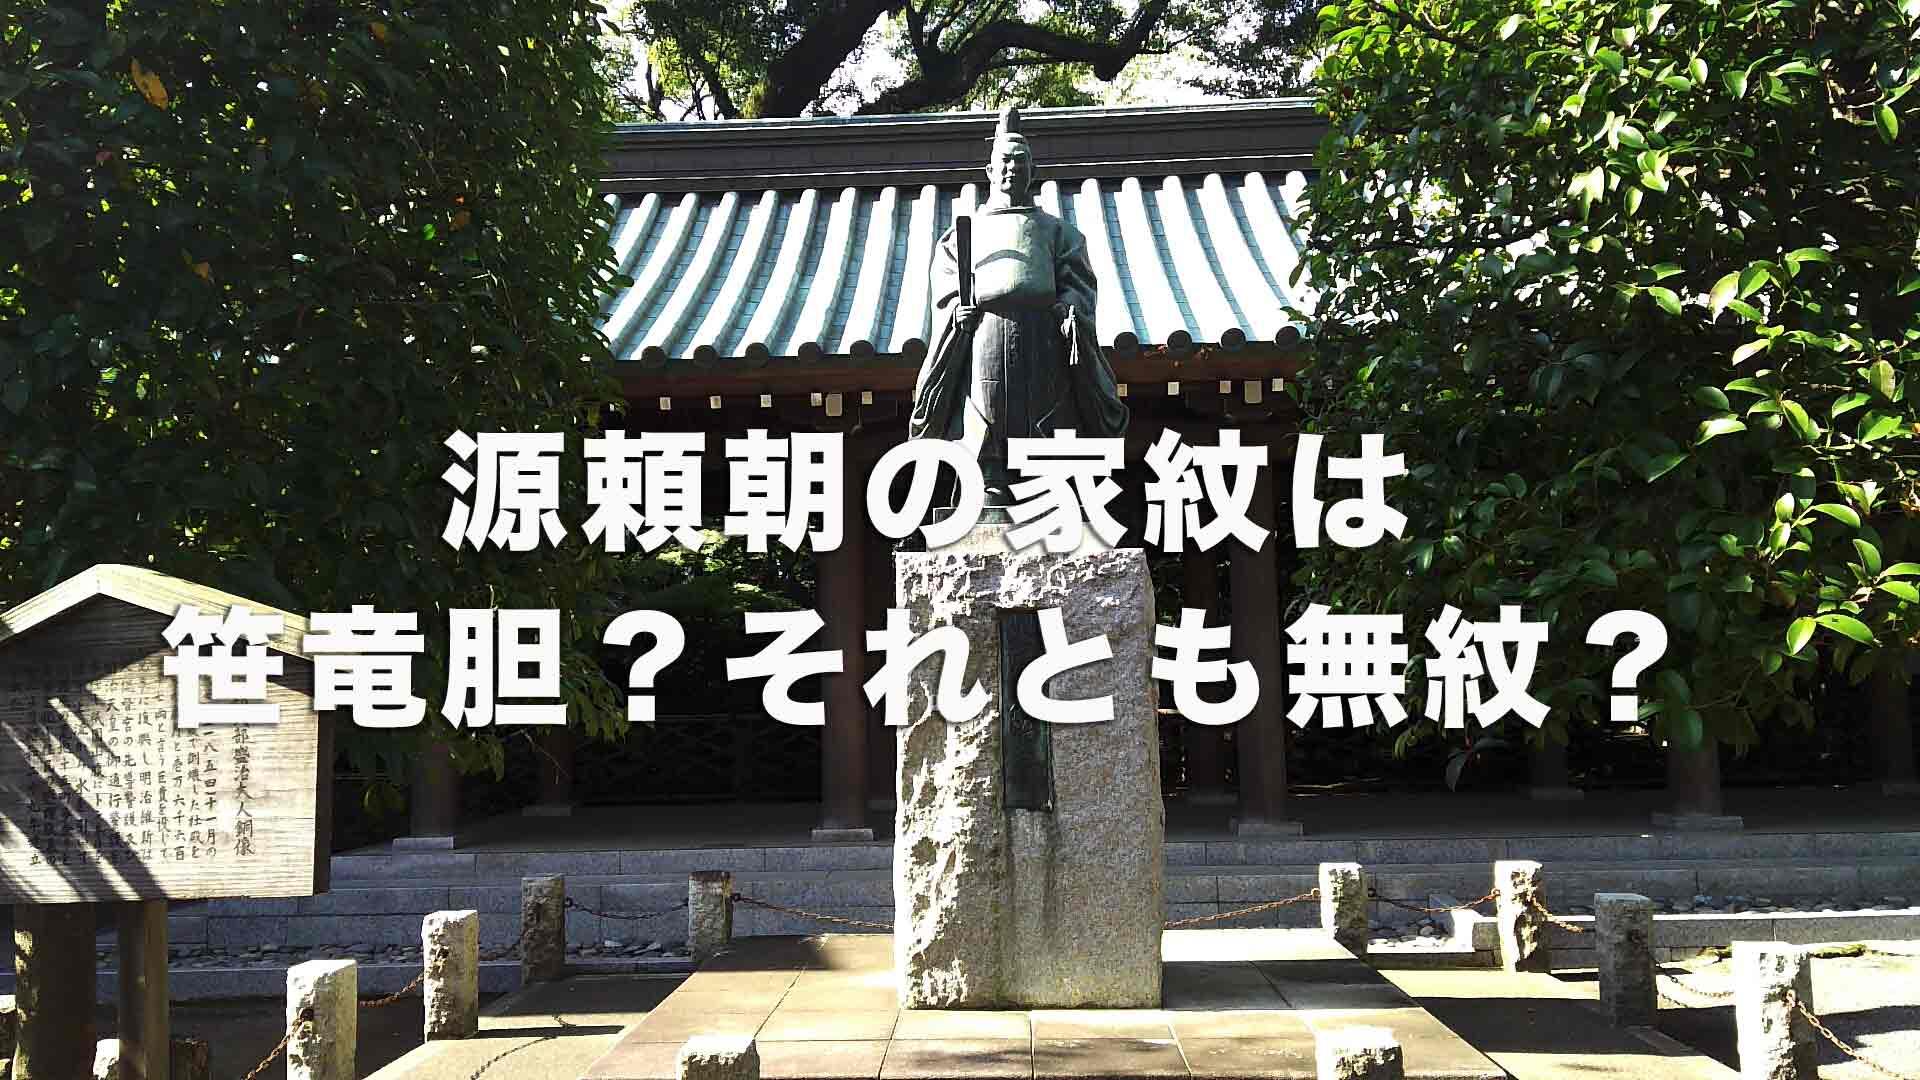 源頼朝の家紋は笹竜胆?それとも無紋?源頼朝の家紋の意味と逸話を徹底解説!